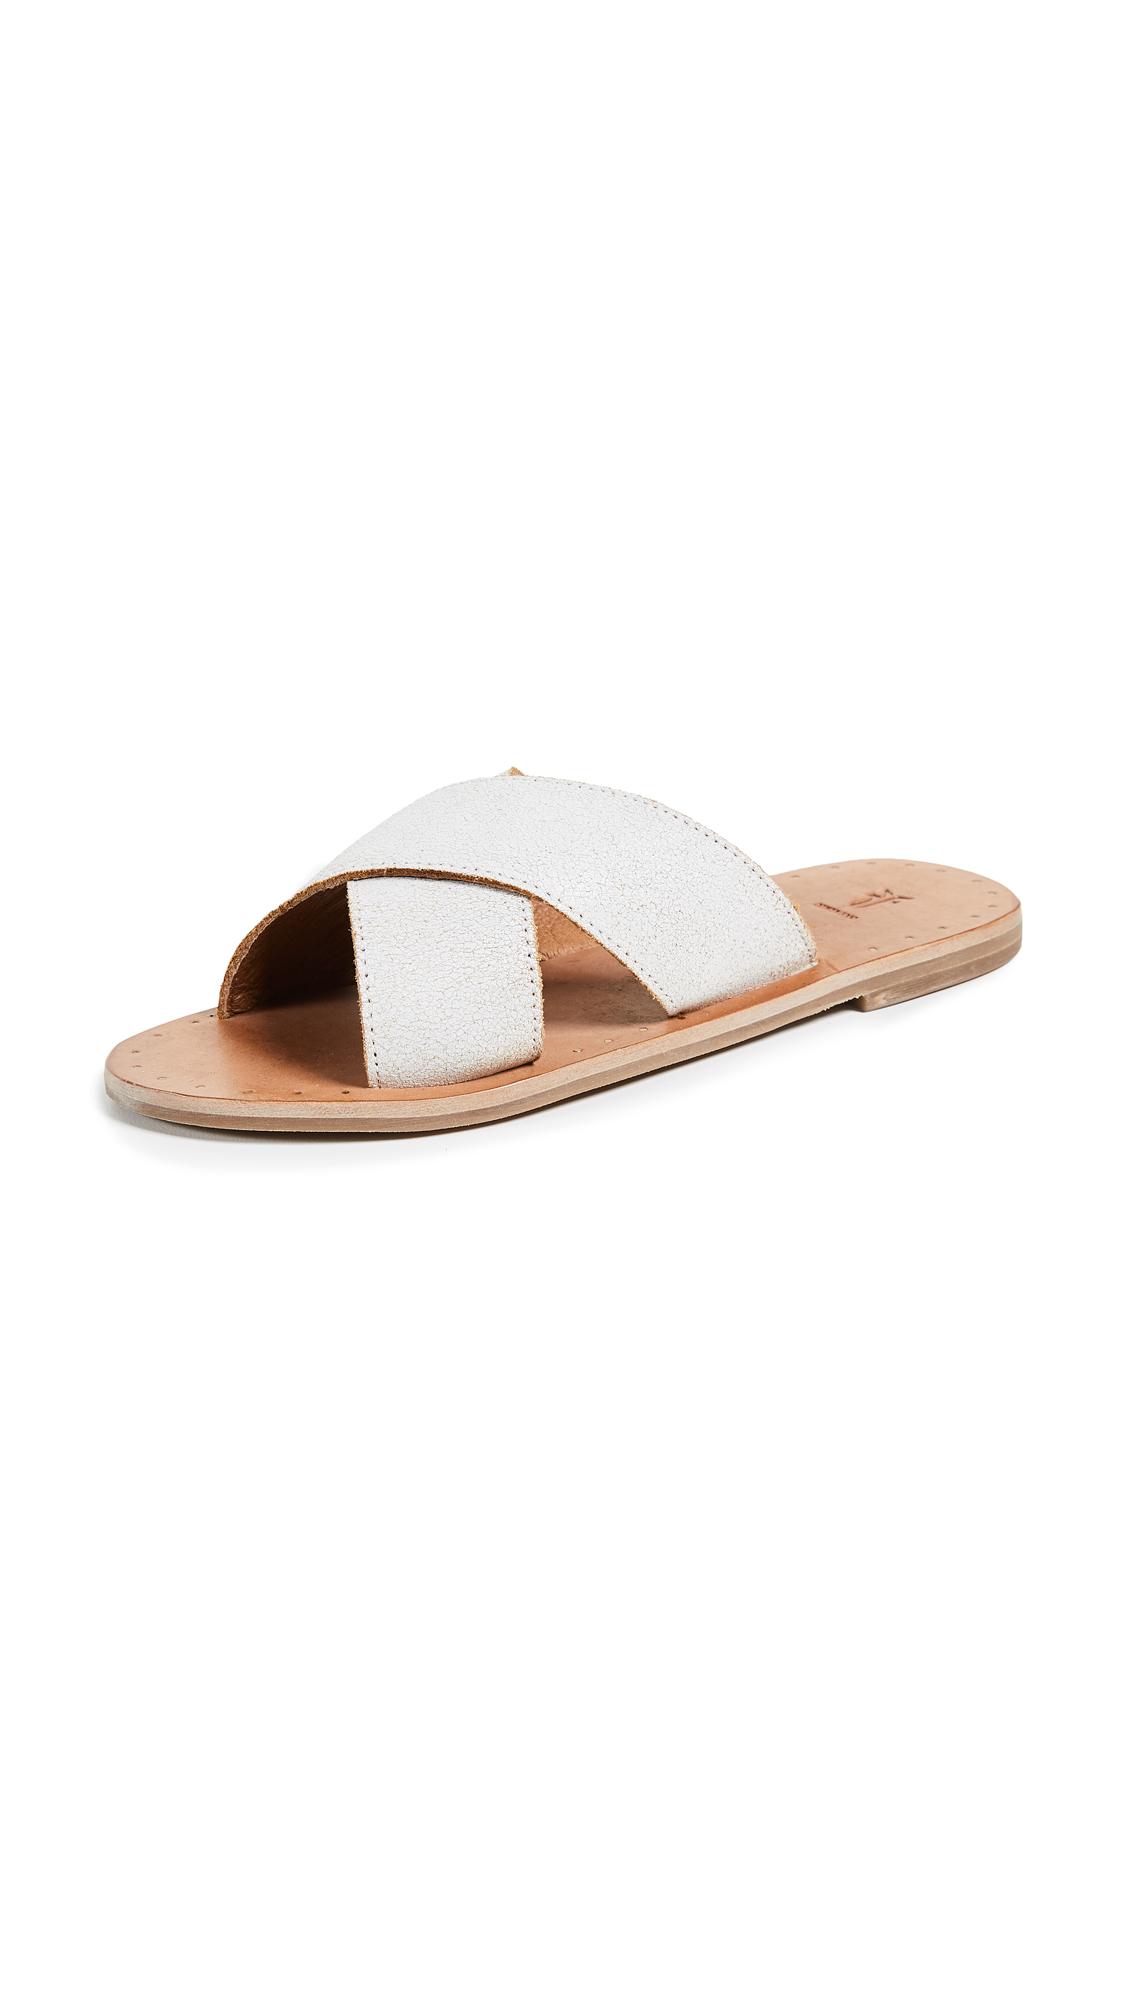 Frye Ally Crisscross Slides - White